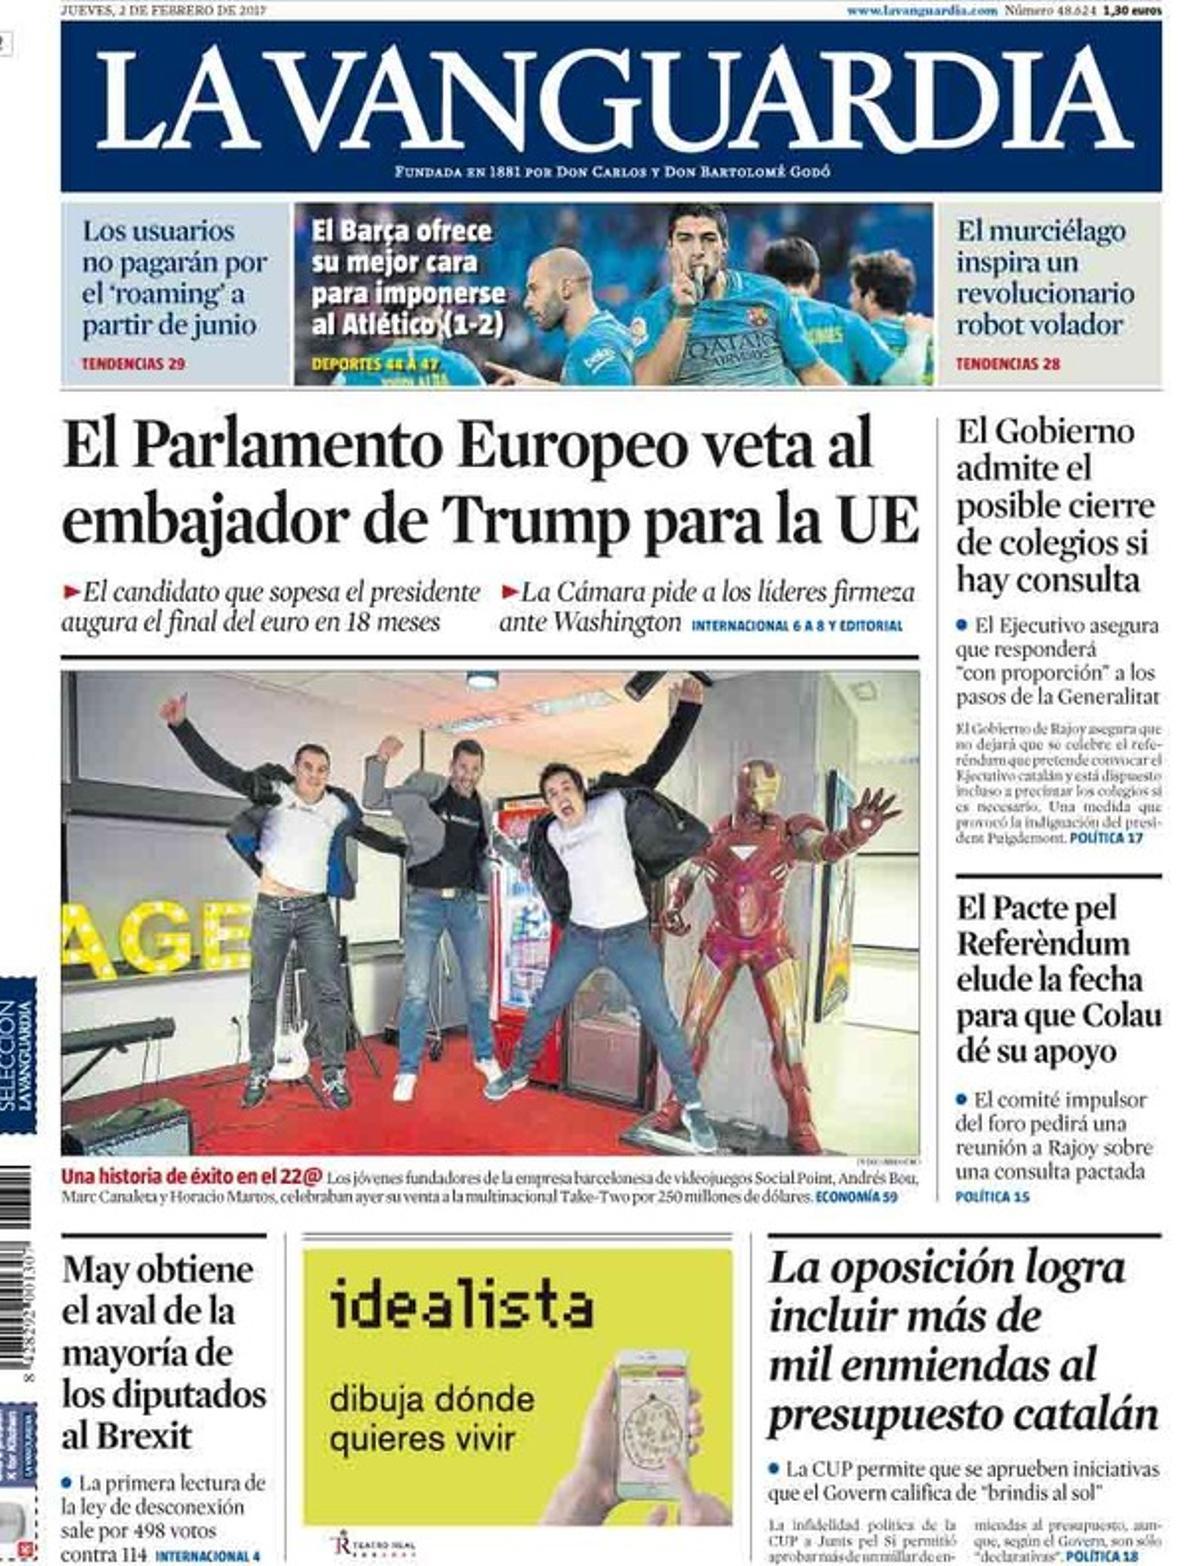 La derecha mediática anima a Rajoy a impedir el referéndum por la fuerza